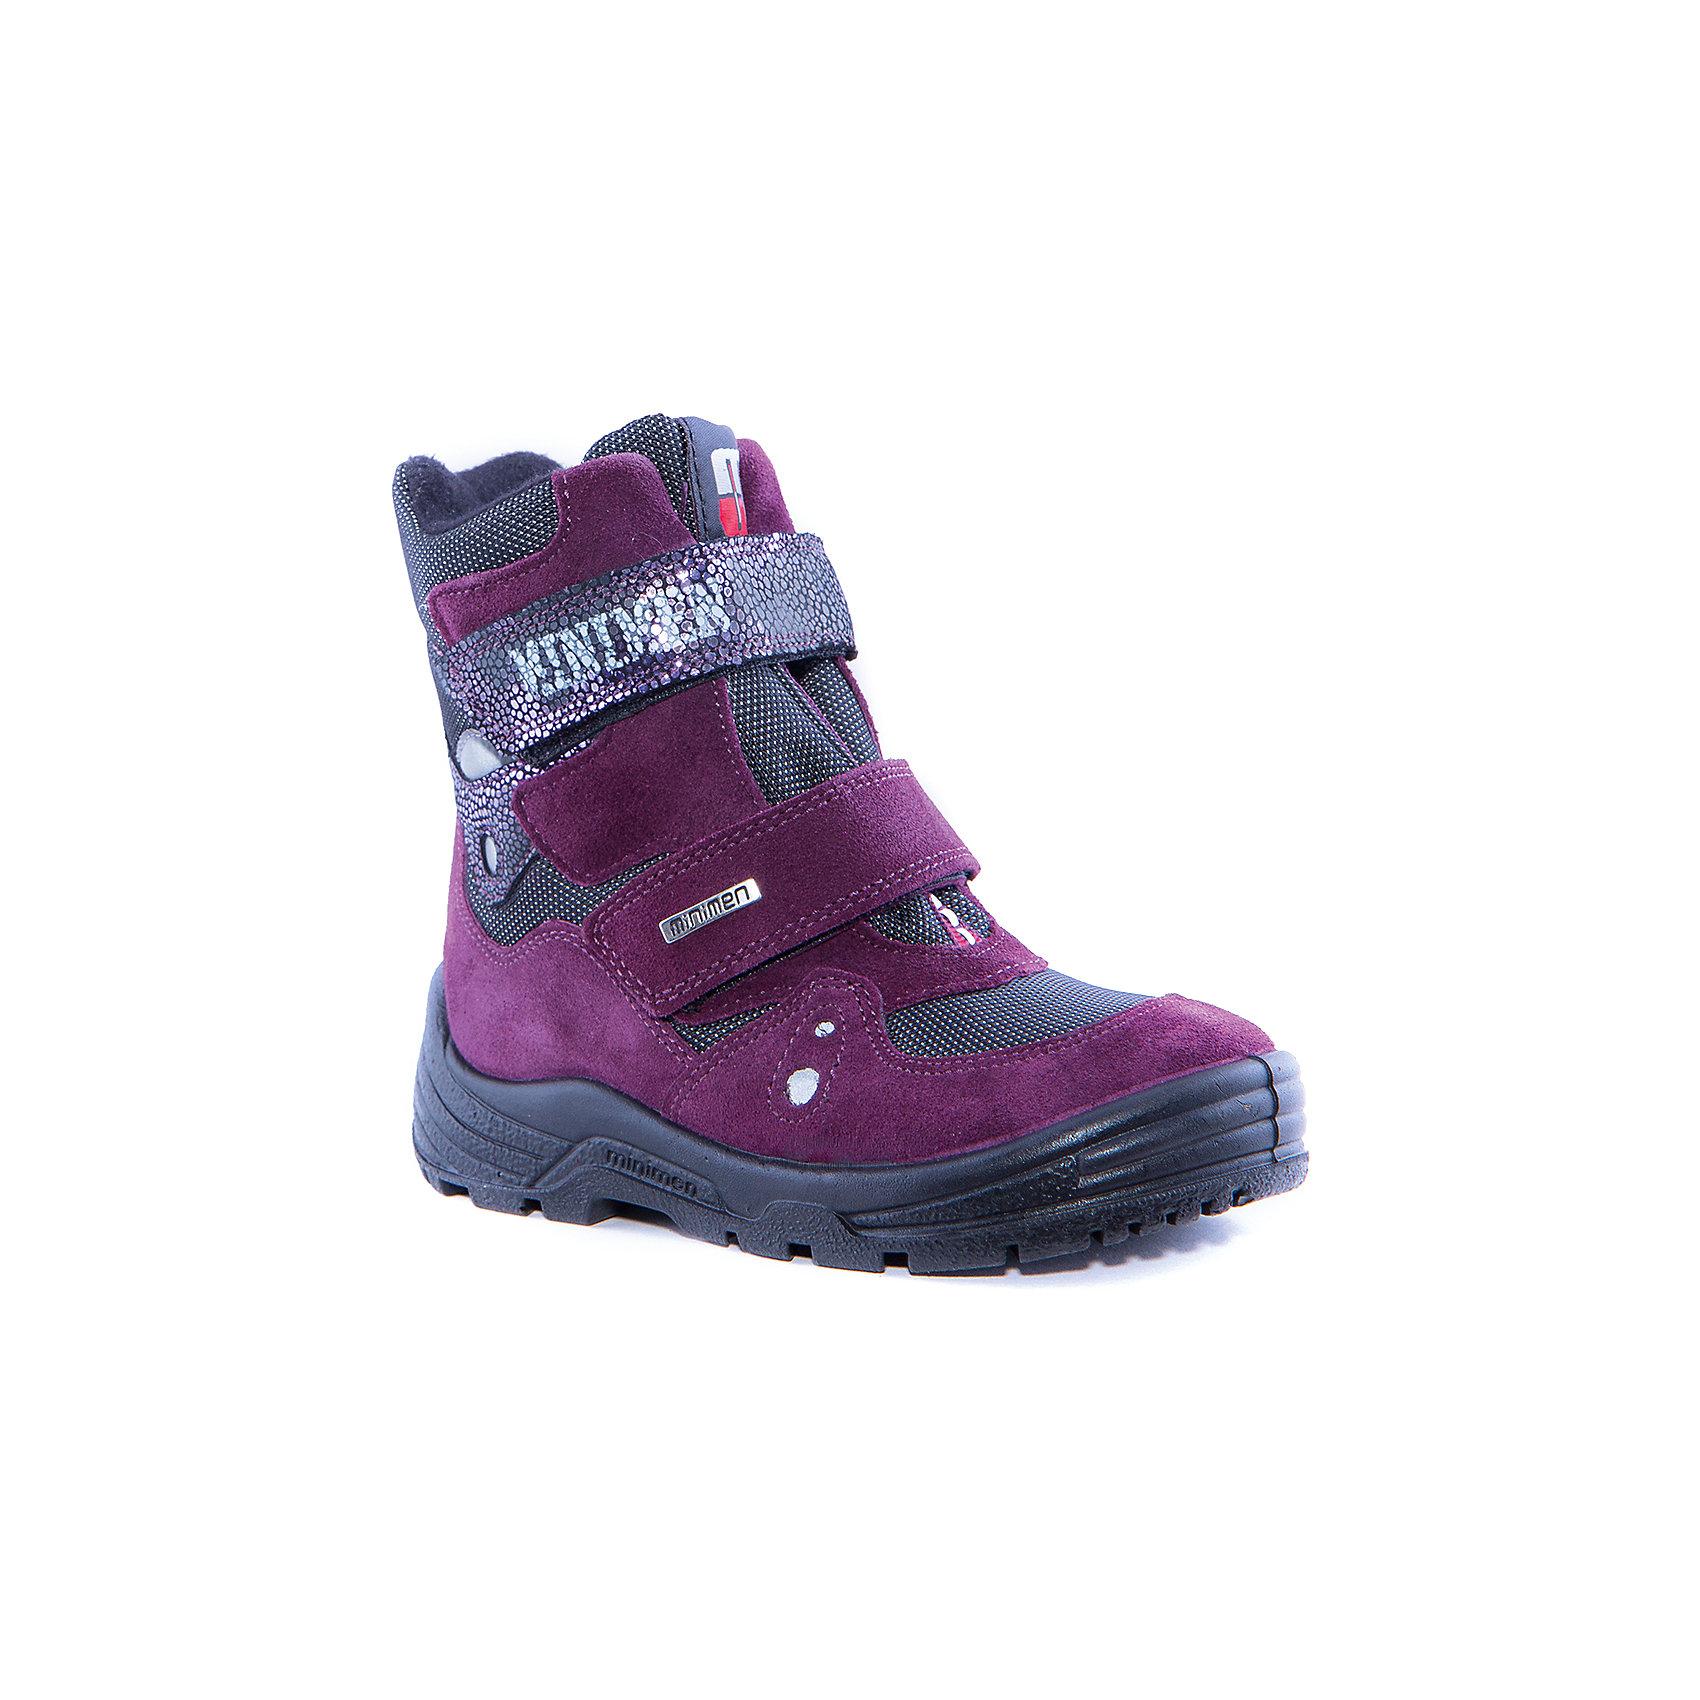 Ботинки для мальчика MinimenБотинки<br>Сапоги для девочки от известного бренда Minimen<br><br>Модные утепленные сапоги Minimen созданы для ношения в межсезонье и начинающиеся холода. Их форма тщательно проработана, поэтому детским ножкам в такой обуви тепло и комфортно. Качественные материалы позволяют сделать изделия износостойкими и удобными.<br><br>При создании этой модели использована мембрана SympaTex. Она добавляется в подкладку обуви и позволяют ногам оставаться сухими и теплыми. Мембрана активно отводит влагу наружу, и не дает жидкости проникать внутрь, а также  не создает препятствий для воздуха, обеспечивая комфортные условия для детских ножек.<br><br>Отличительные особенности модели:<br><br>- цвет: фиолетовый;<br>- мембрана SympaTex;<br>- гибкая нескользящая подошва;<br>- усиленный носок и задник;<br>- эргономичная форма;<br>- удобная колодка;<br>- шерстяная подкладка;<br>- натуральная кожа;<br>- застежки-липучки.<br><br>Дополнительная информация:<br><br>- Температурный режим: от - 20° С  до +5° С.<br><br>- Состав:<br><br>материал верха: 100% натуральная кожа<br>материал подкладки: 100% шерсть<br>подошва: ТЭП<br><br>Сапоги для девочки Minimen (Минимен) можно купить в нашем магазине.<br><br>Ширина мм: 257<br>Глубина мм: 180<br>Высота мм: 130<br>Вес г: 420<br>Цвет: фиолетовый<br>Возраст от месяцев: 12<br>Возраст до месяцев: 15<br>Пол: Женский<br>Возраст: Детский<br>Размер: 21,28,22,23,24,29,26,25,27<br>SKU: 4295594